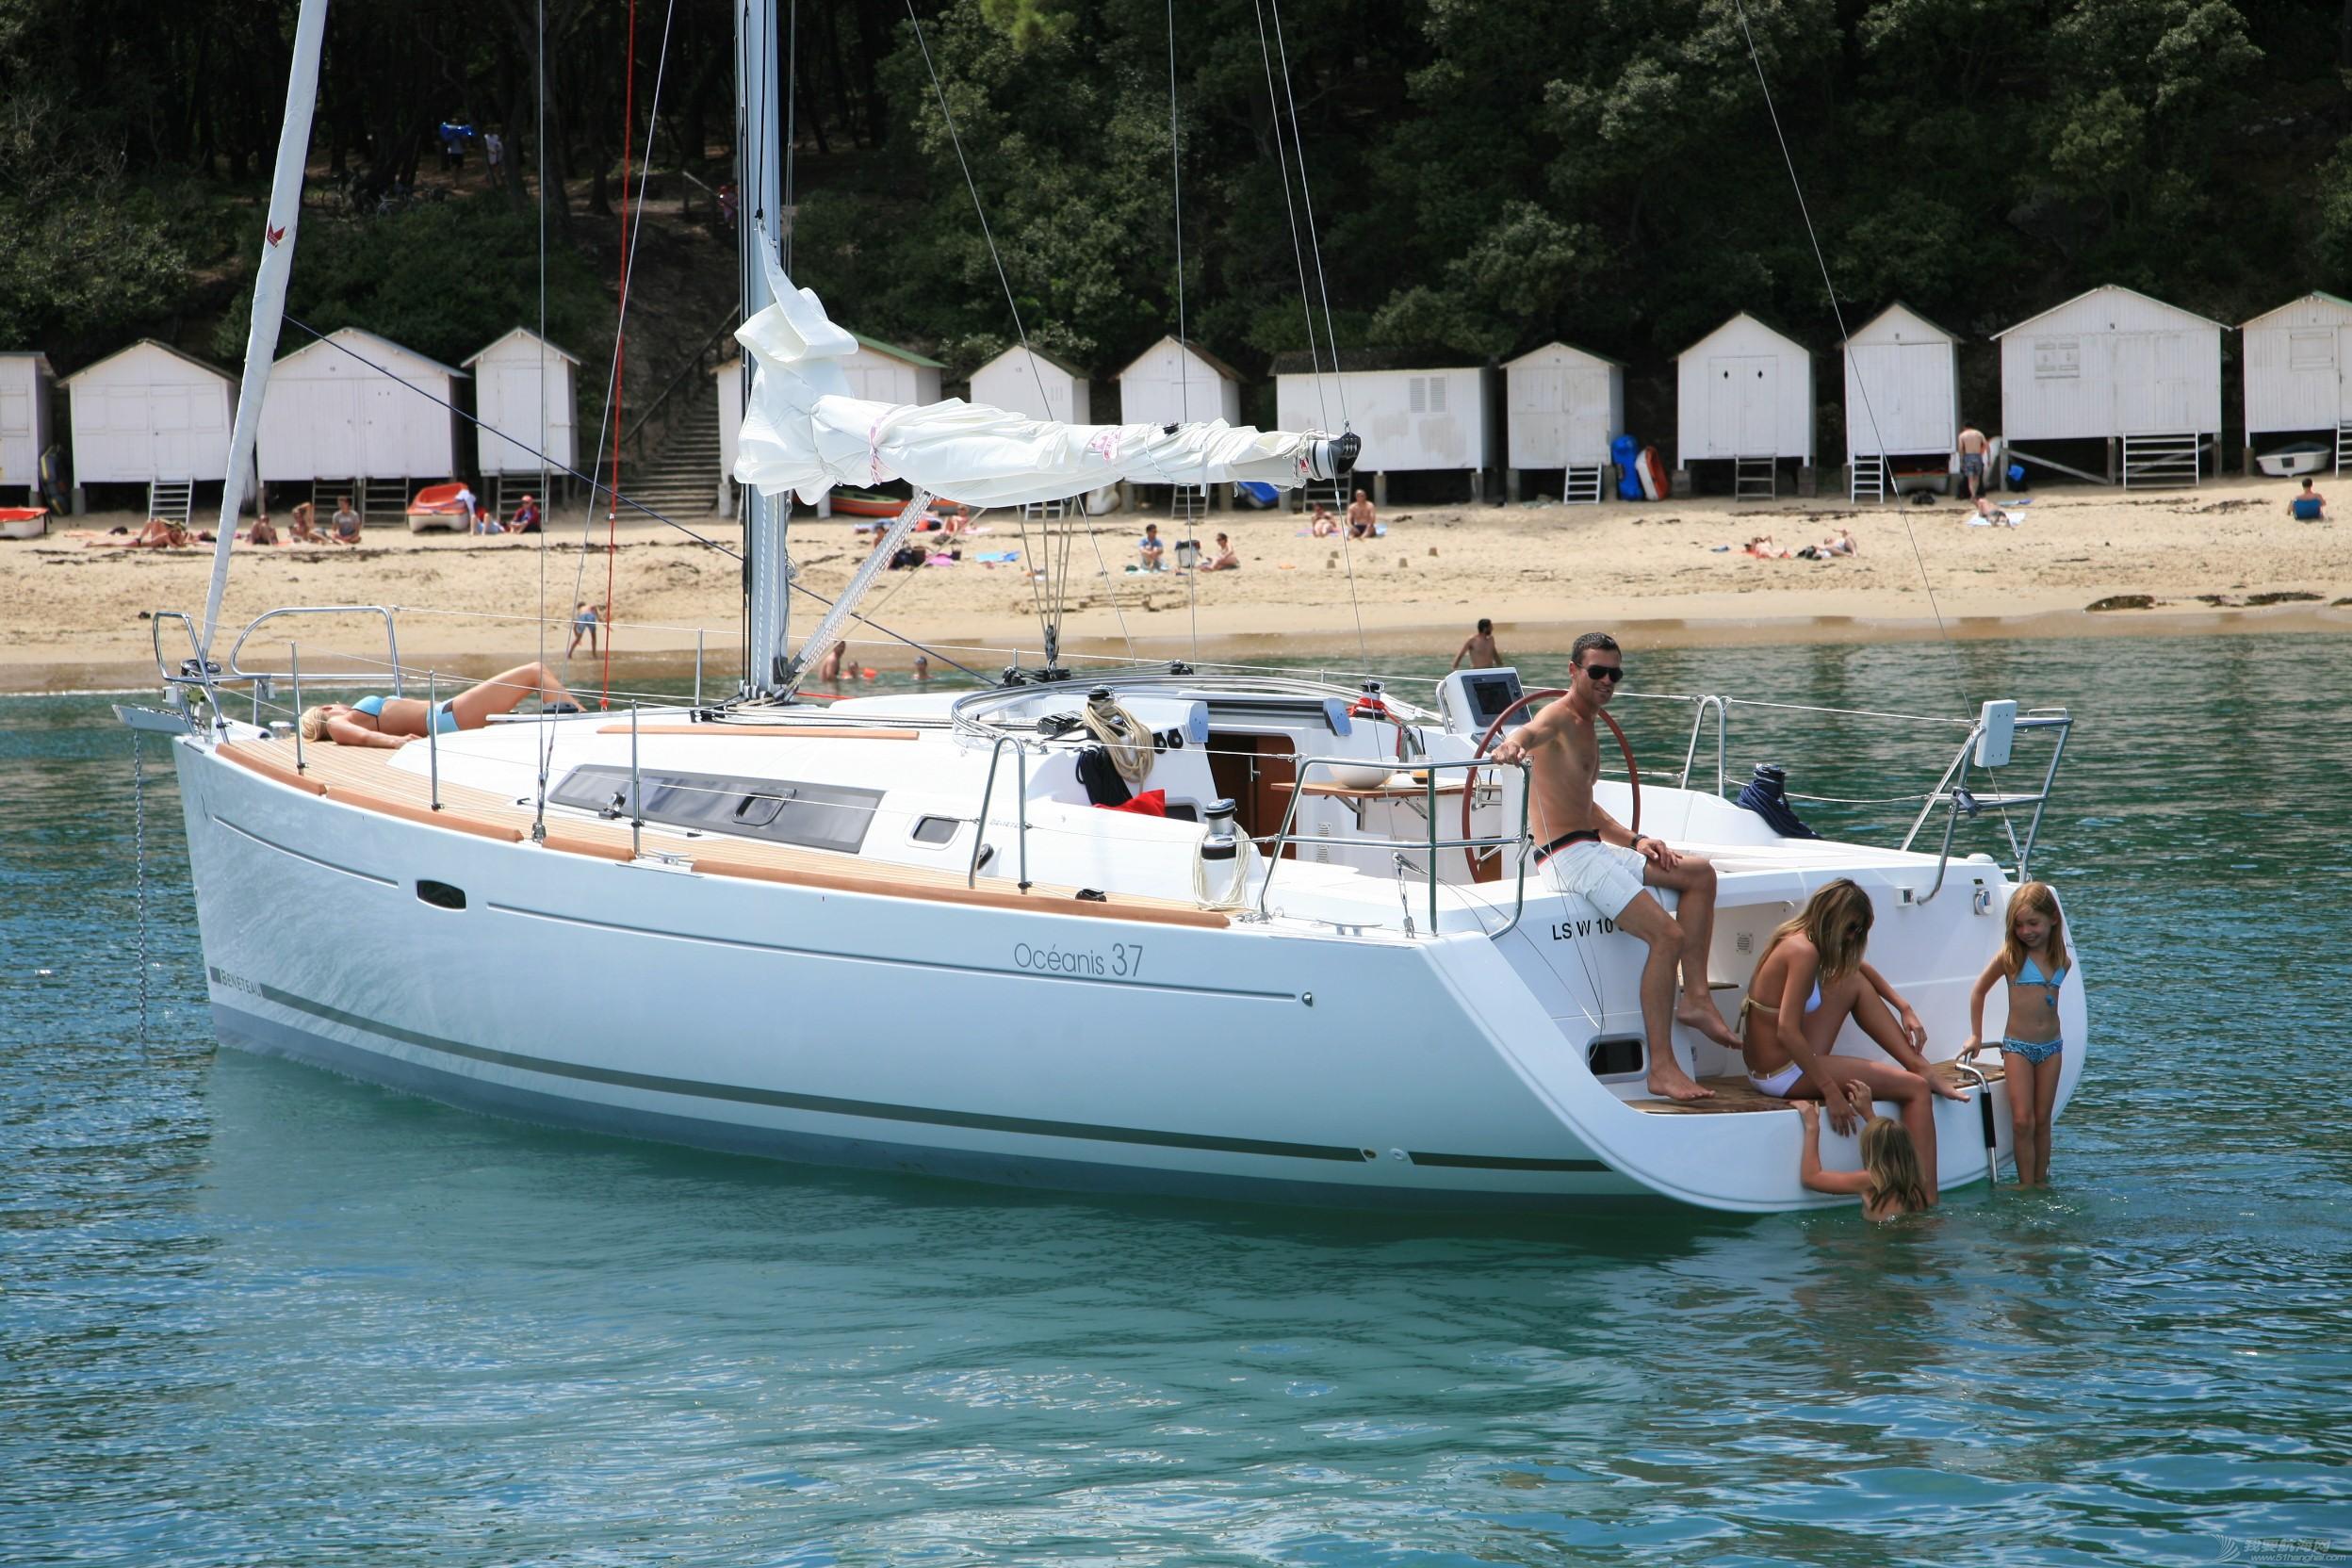 发动机,帆船,简历 Beneteau Oceanis 37博纳多遨享仕37英尺单体帆船 博纳多遨享仕37英尺单体帆船